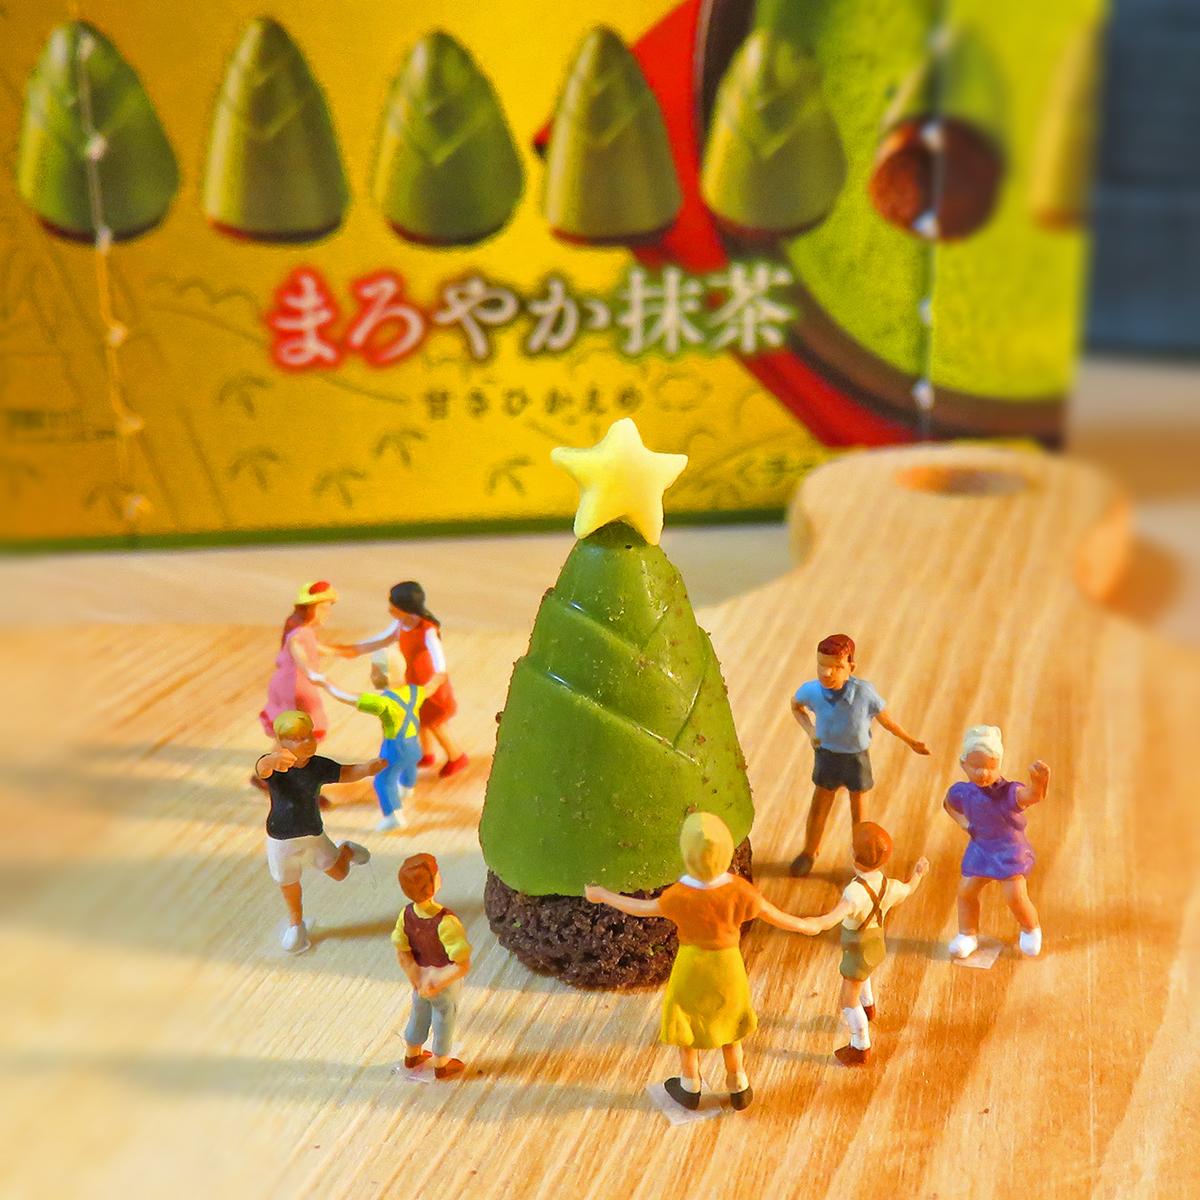 抹茶たけのこの里でクリスマスツリーを作る子供達